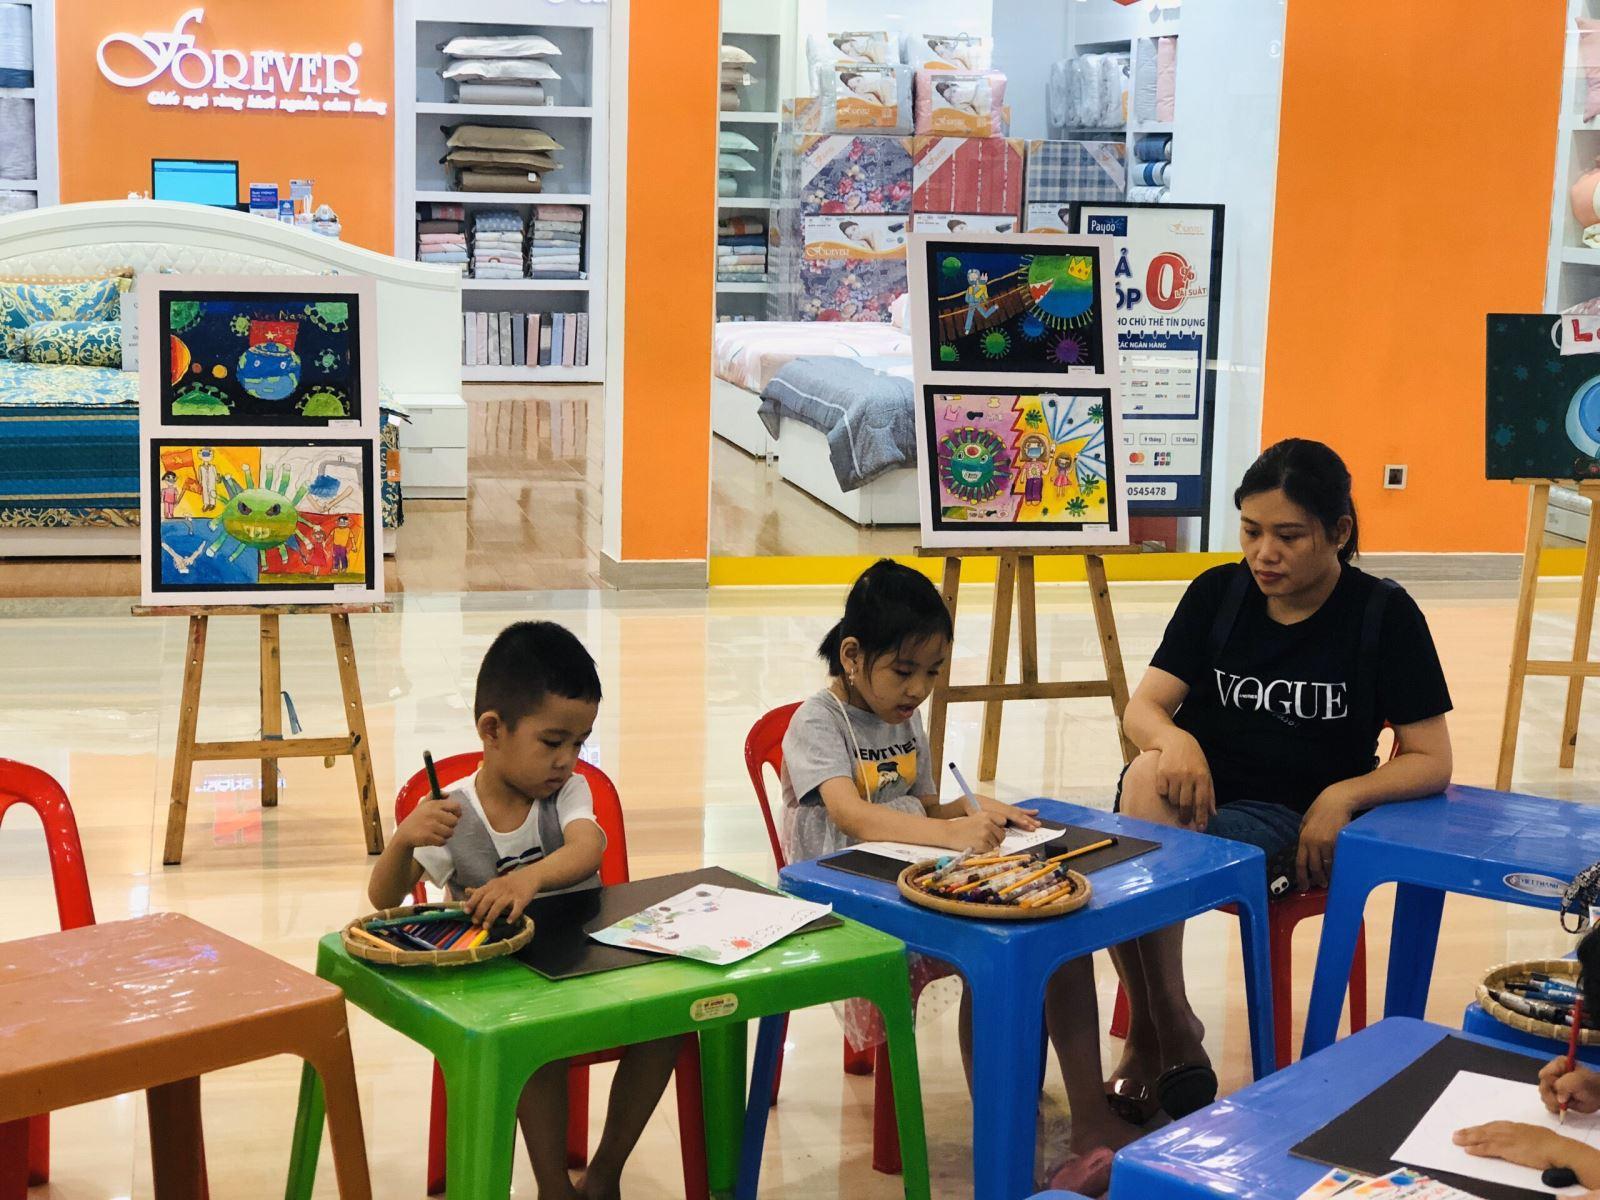 lớp vẽ cho bé từ 12 đến 15 tuổi - trung tâm dạy vẽ Mỹ Thuật Sài Gòn